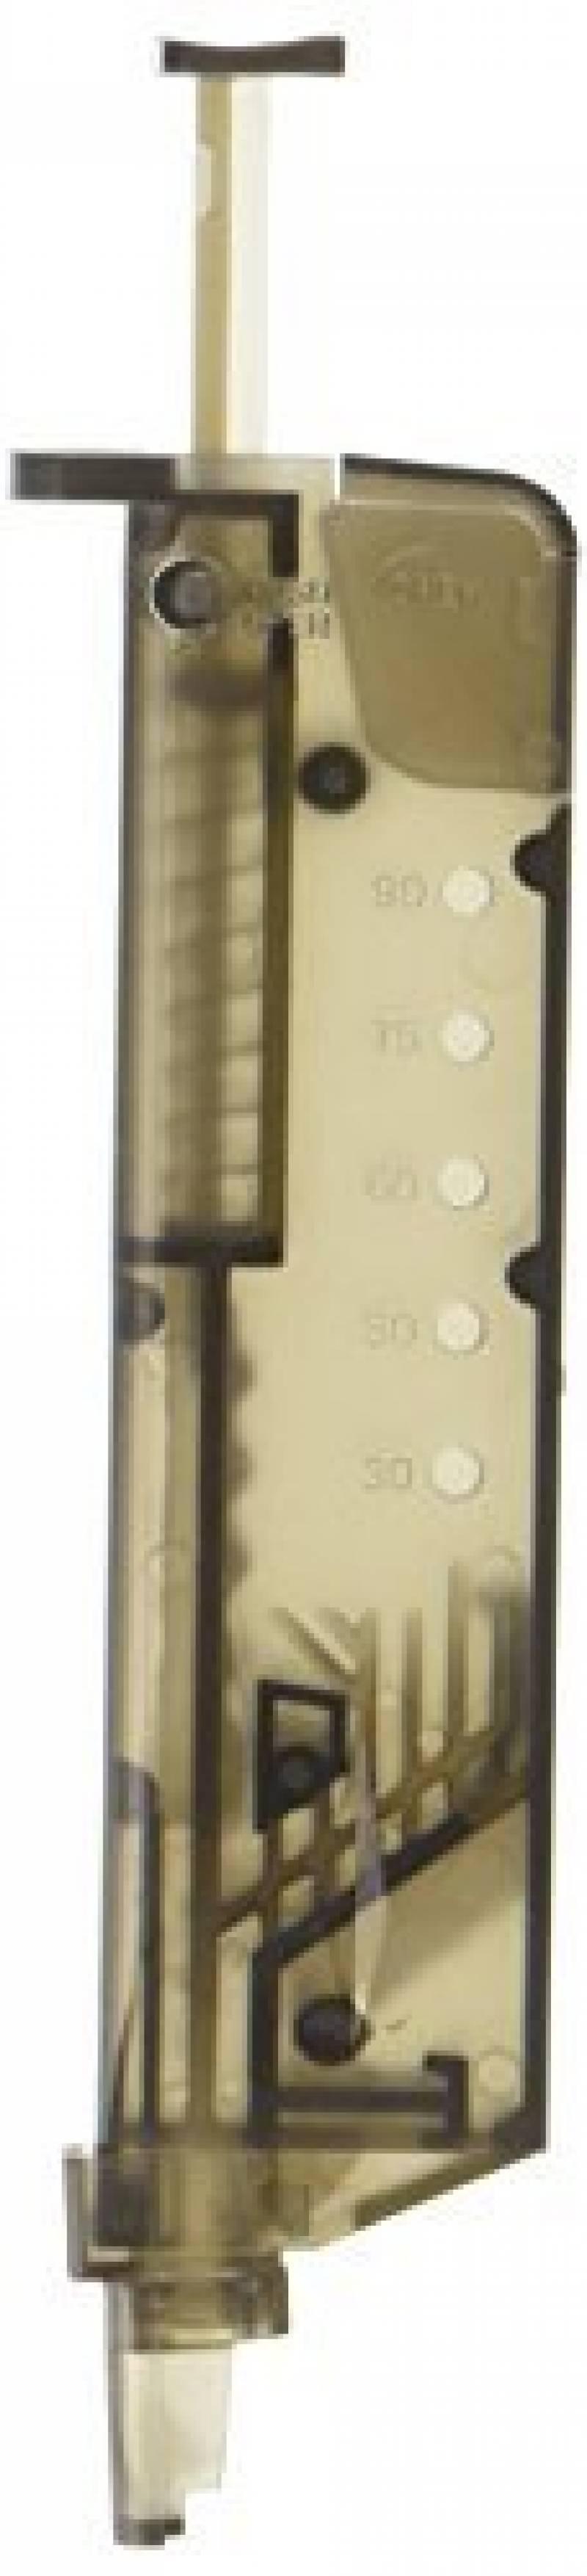 Firepower Chargeur rapide fume de 90 bb's cybergun/c192-24 de la marque Fire Power TOP 8 image 0 produit